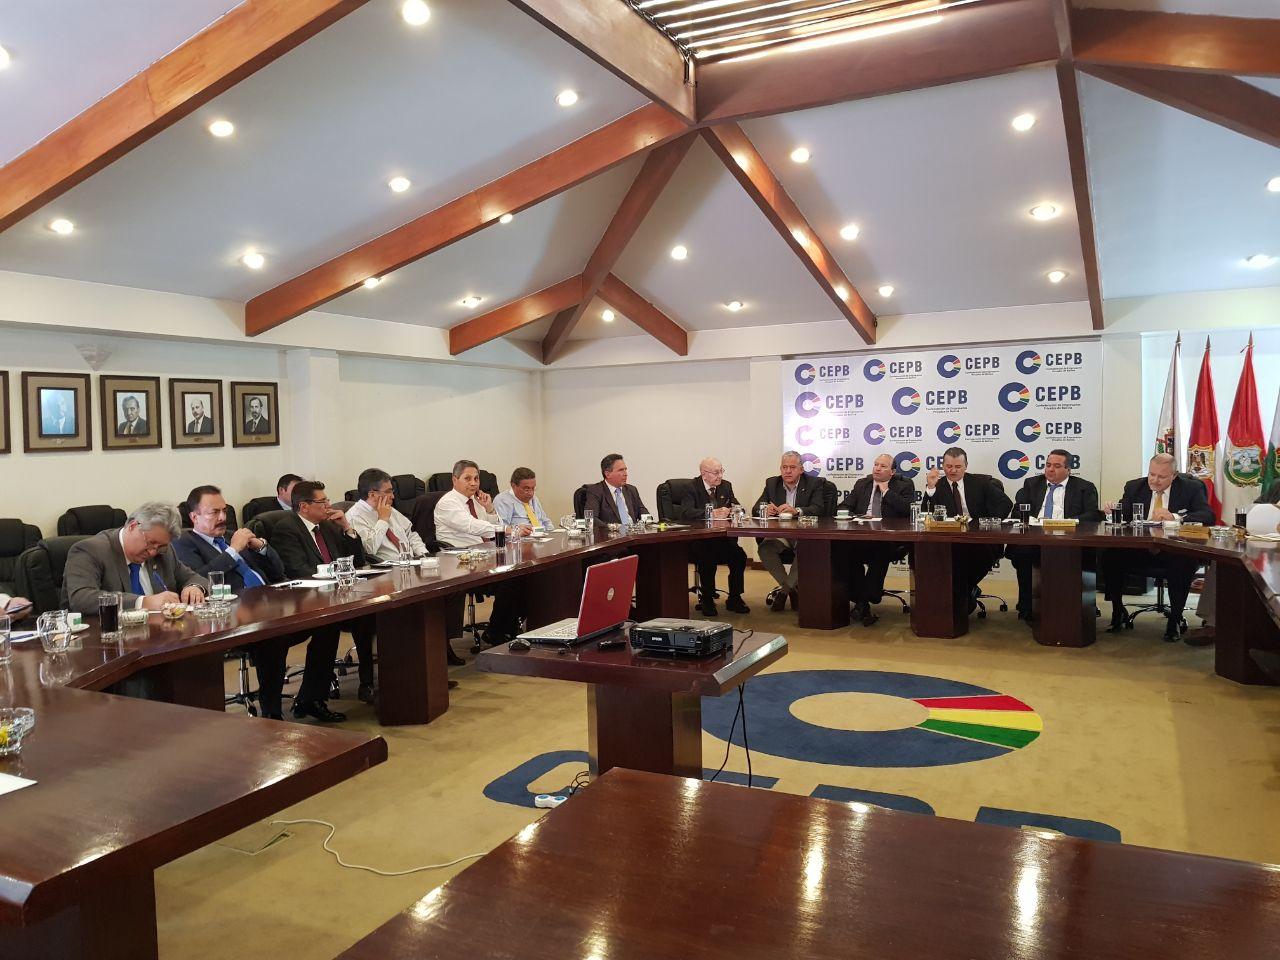 La empresa privada en Bolivia se encuentra en estado de emergencia / CEPB